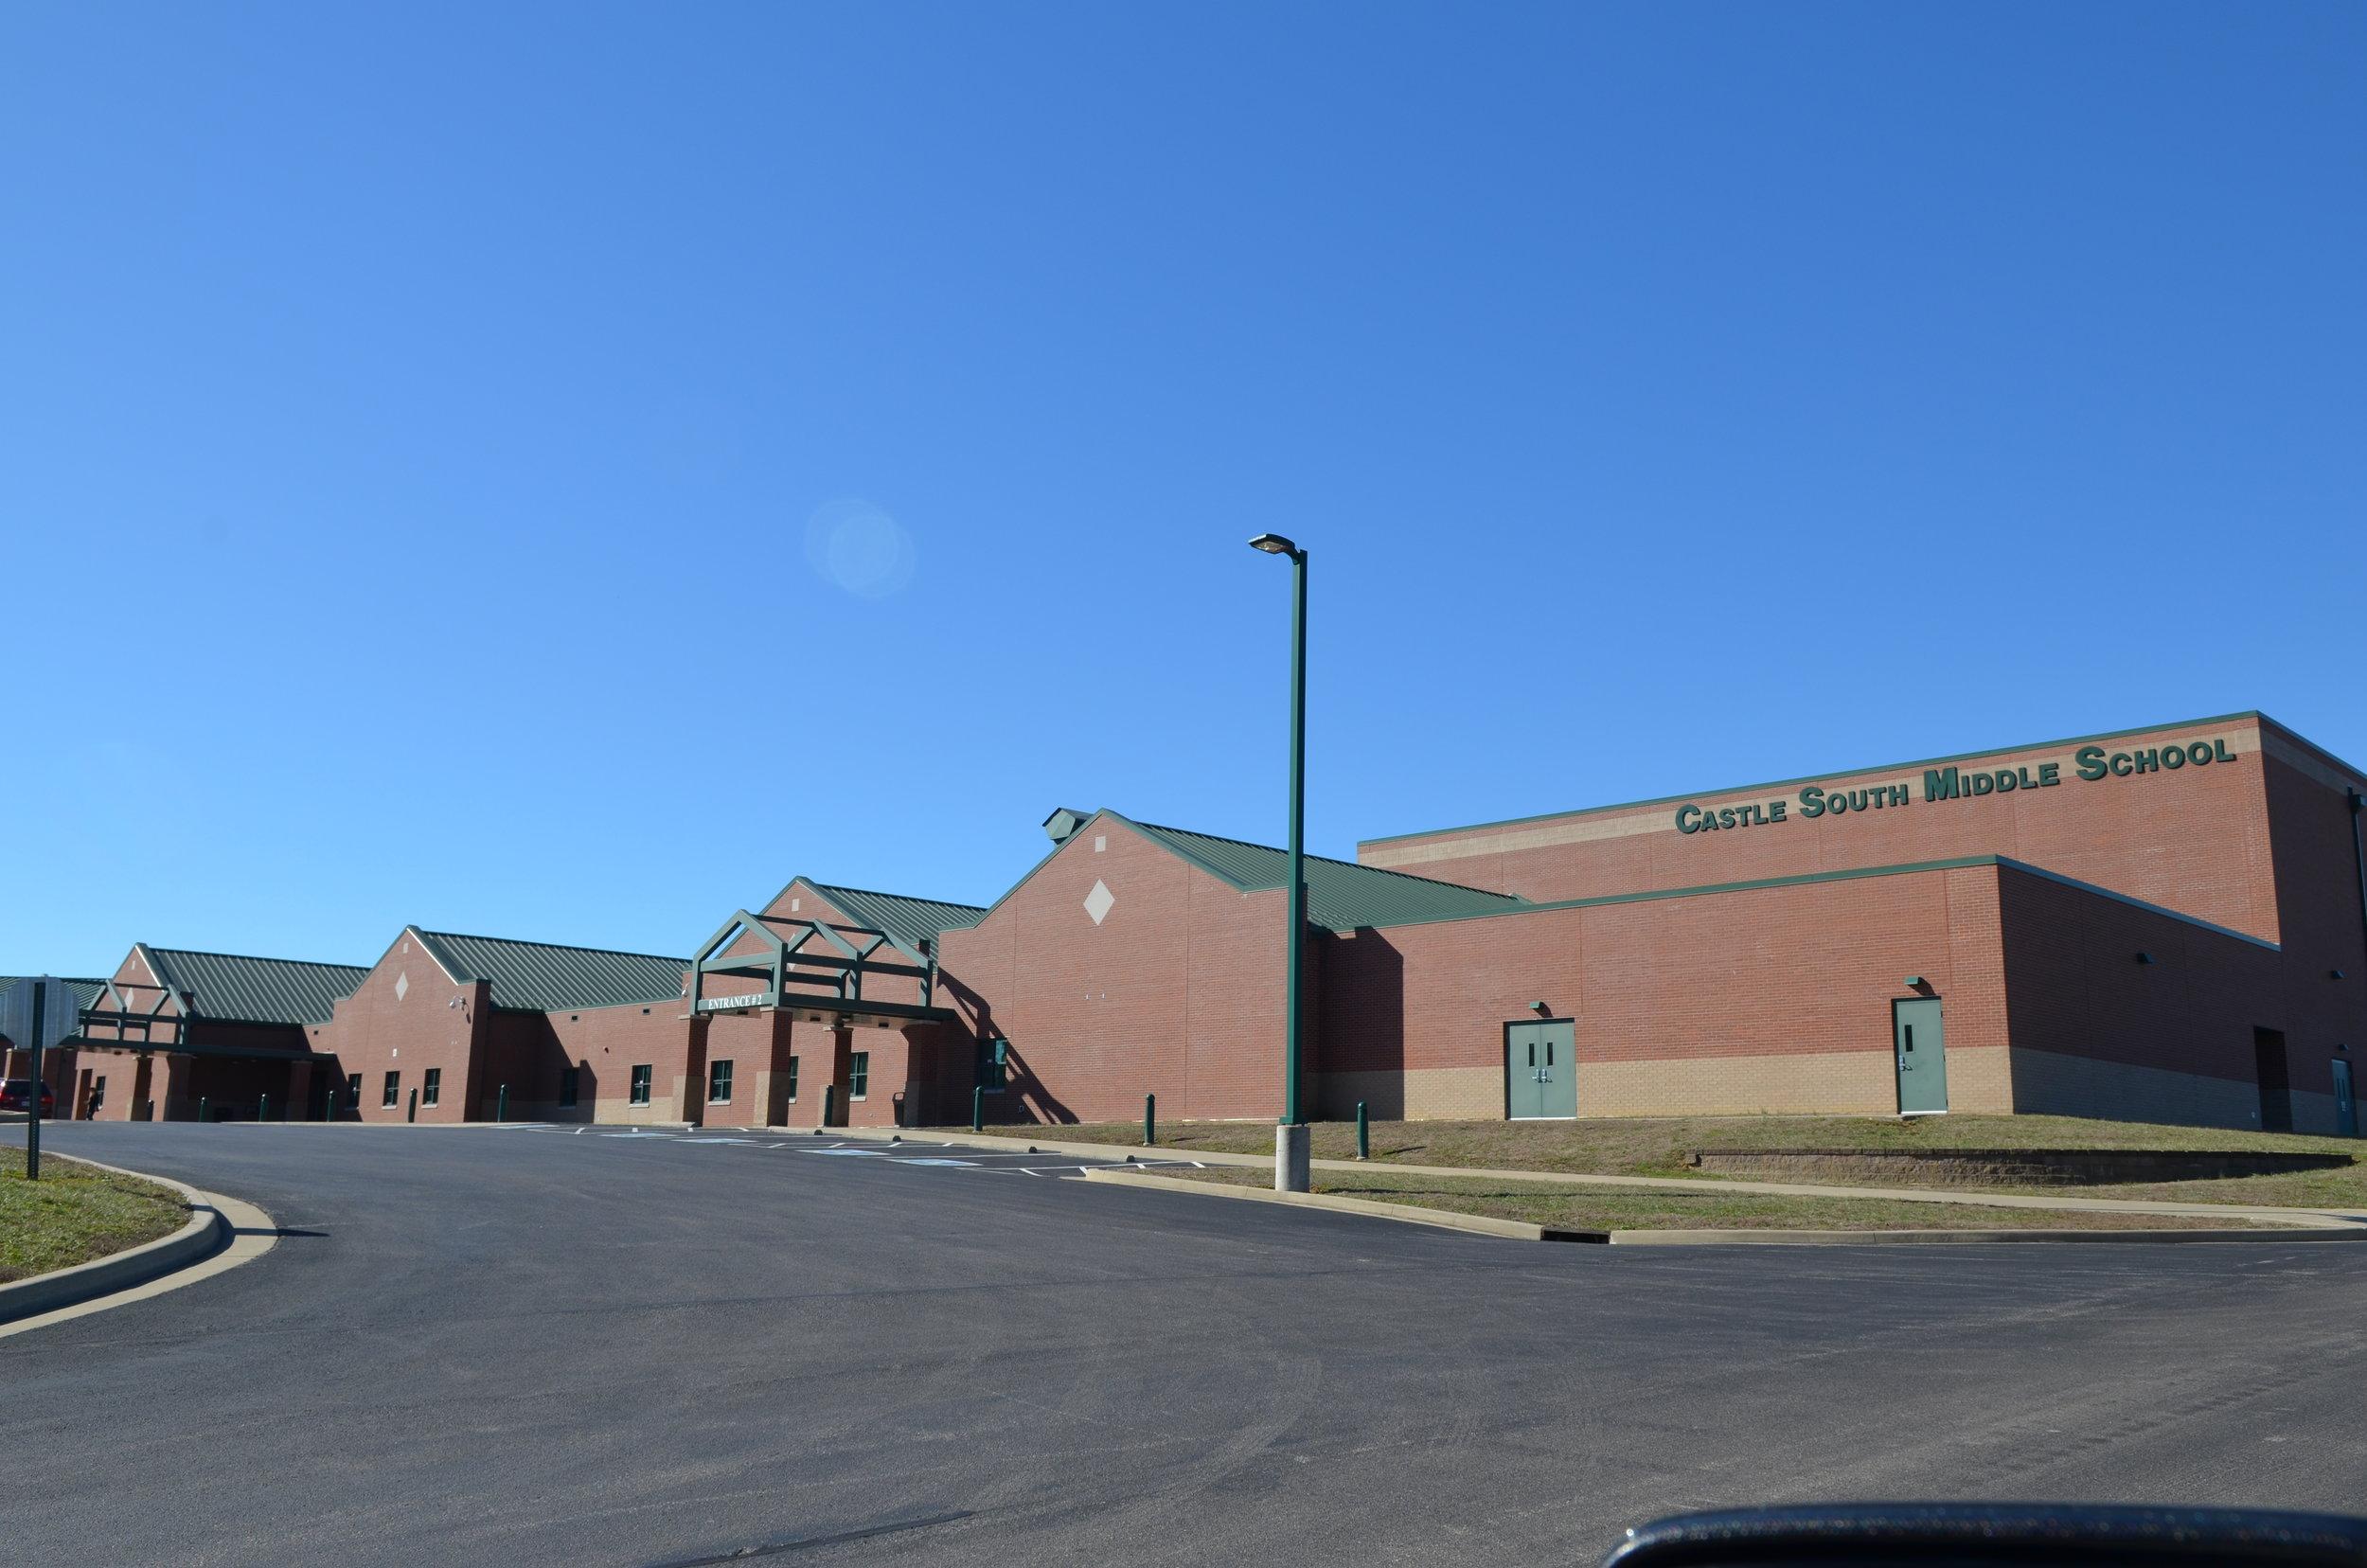 Castle South Middle School